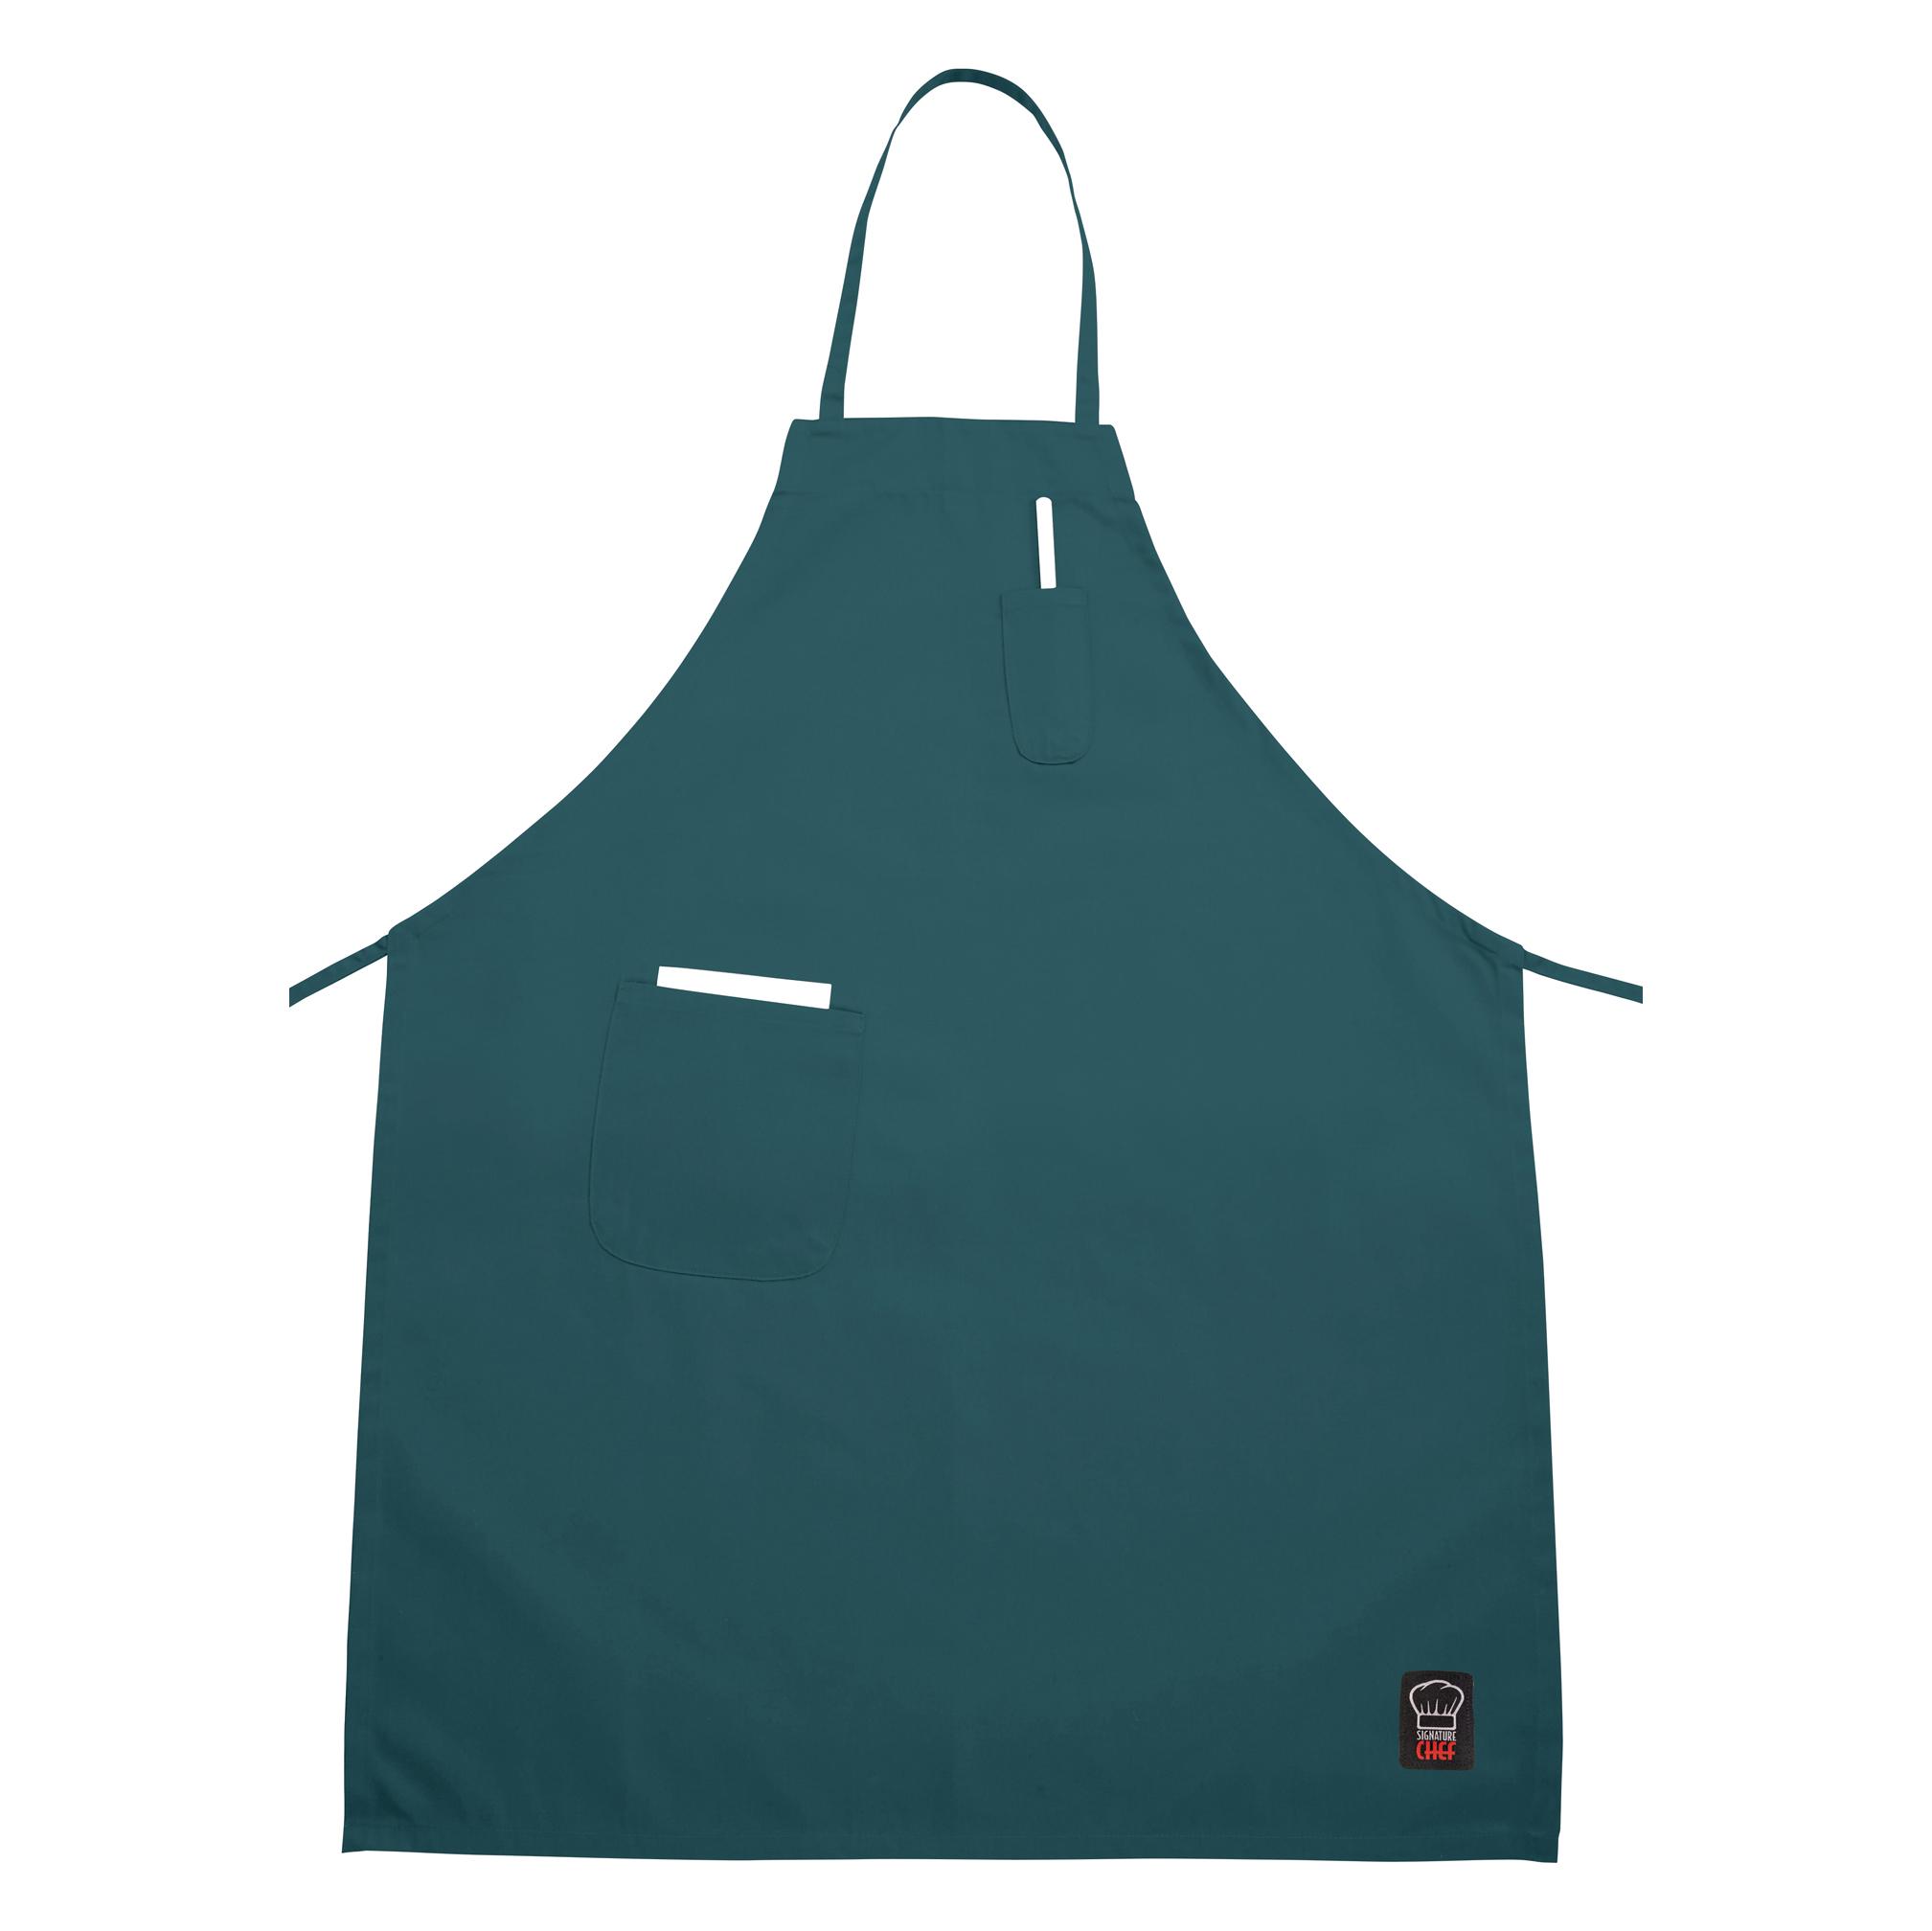 Winco BA-PGN bib apron